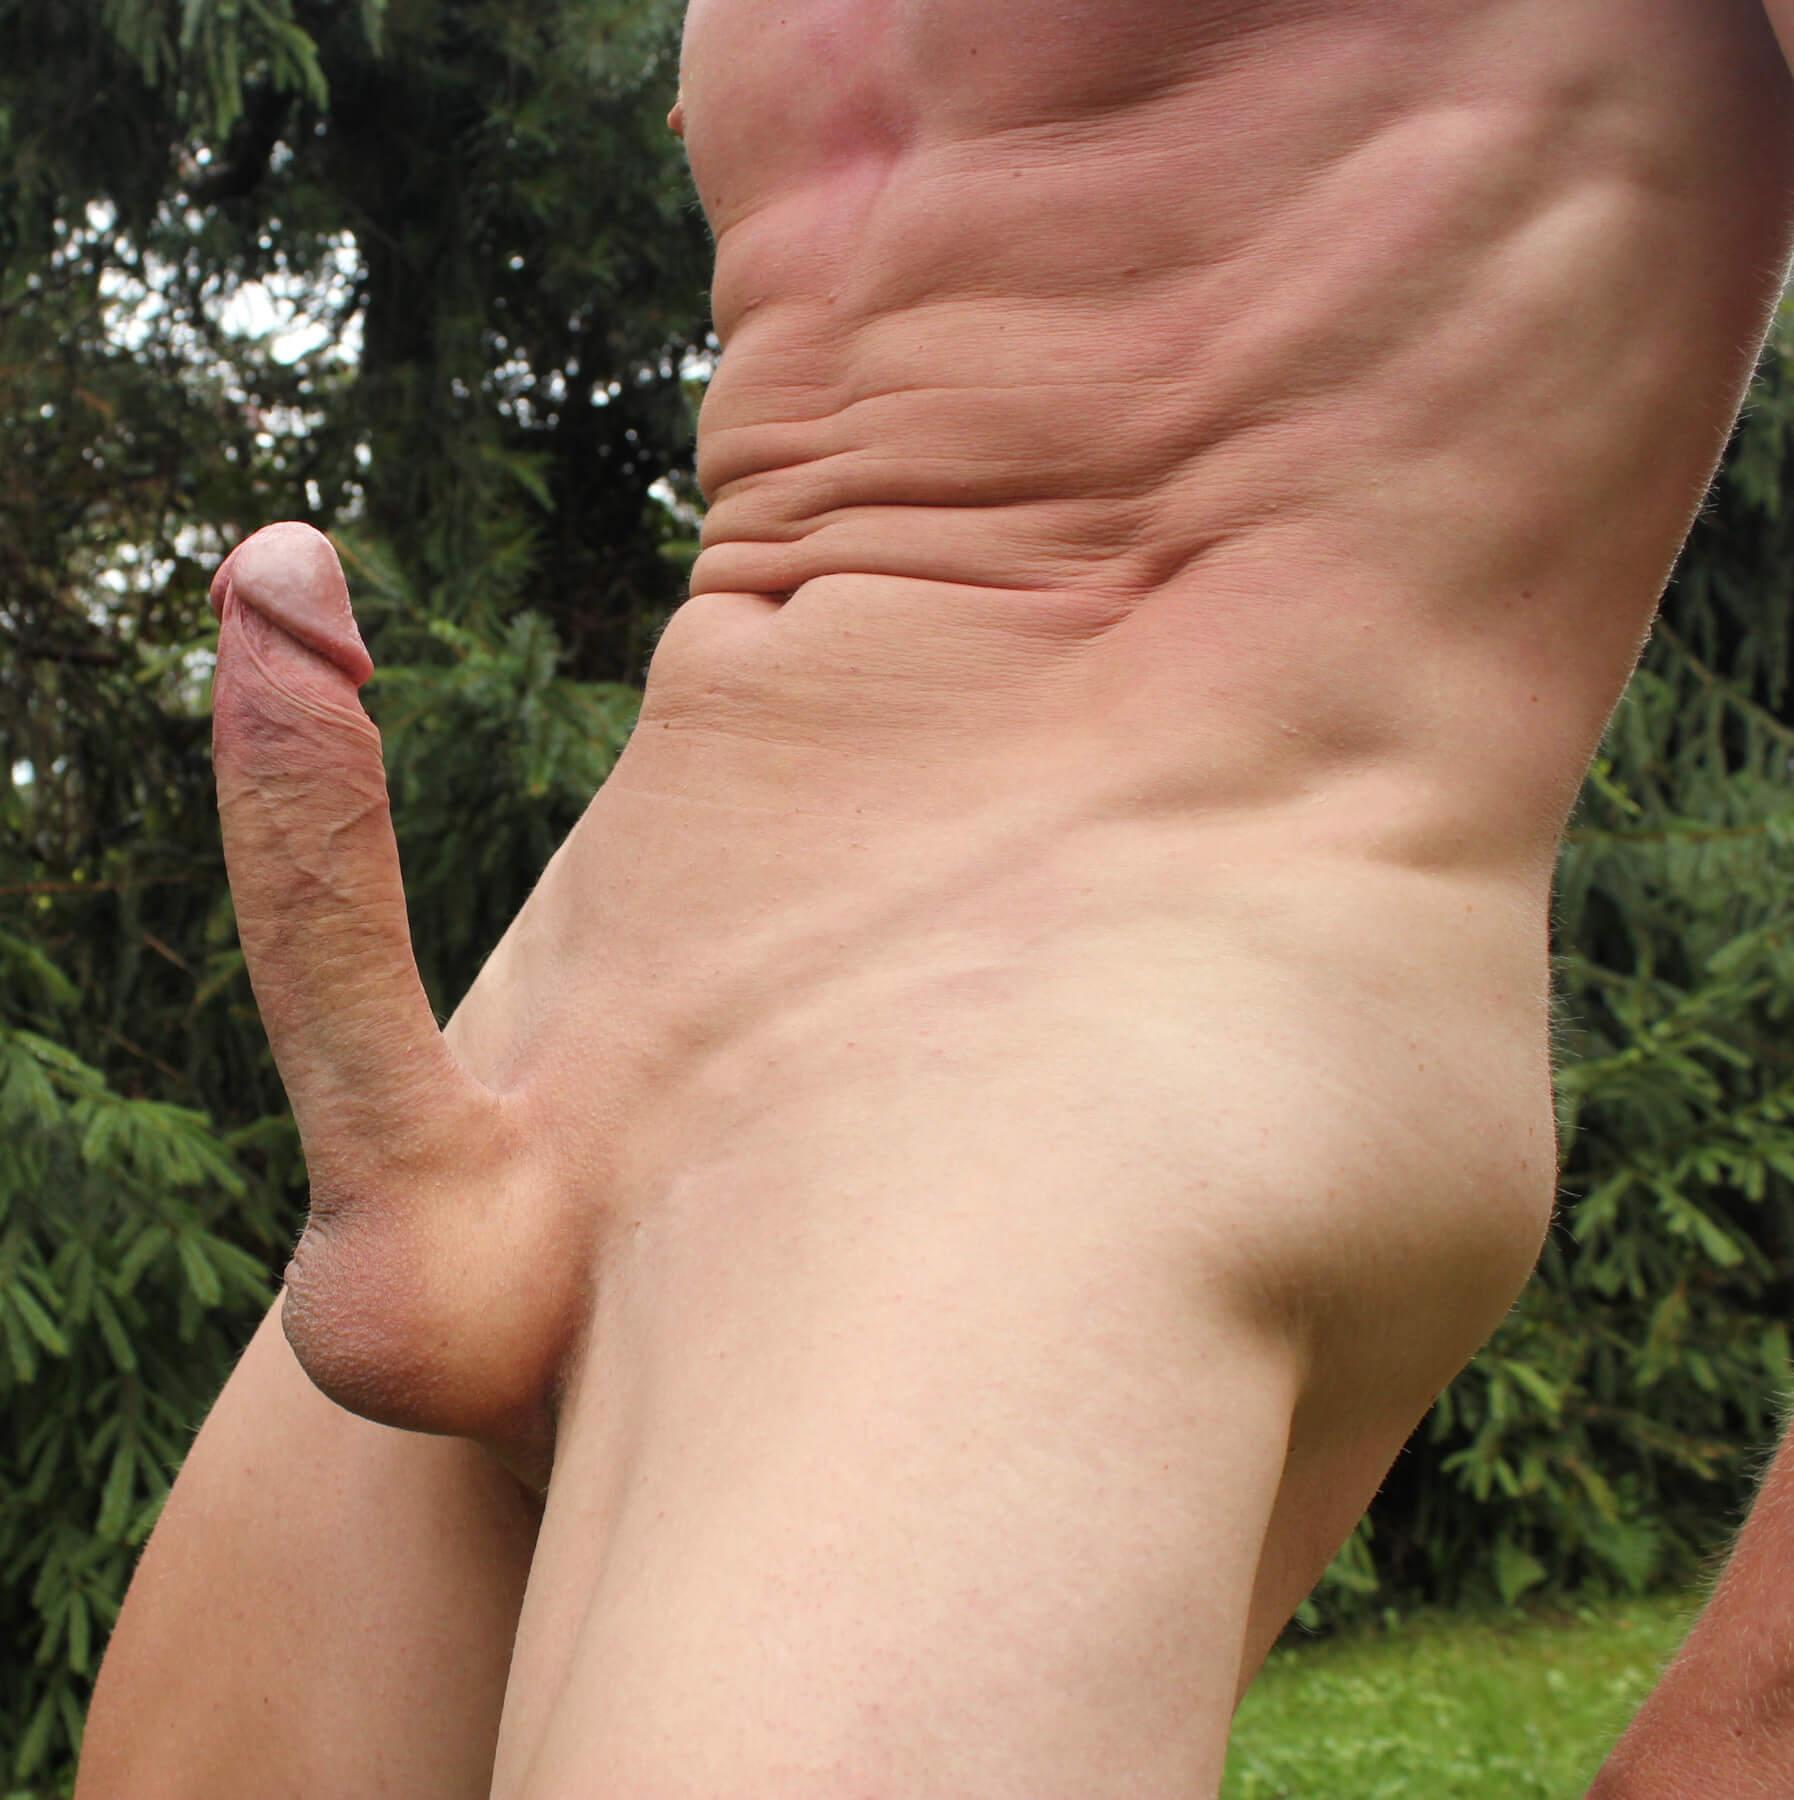 http://dating.rs/slike/1168/007.jpg